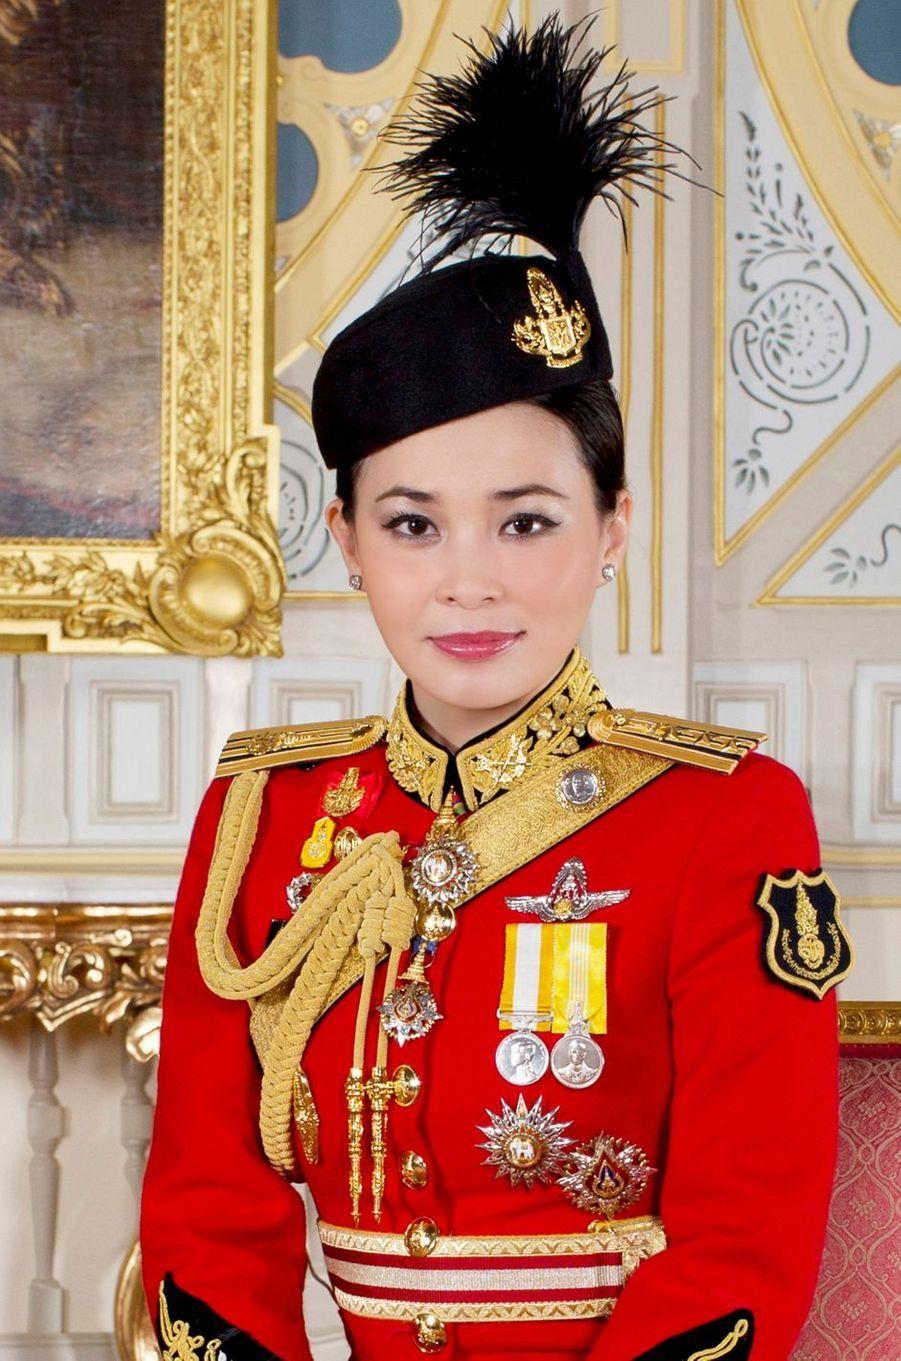 La reine consort Suthida de Thaïlande. Portrait diffusé le 17 mai 2019